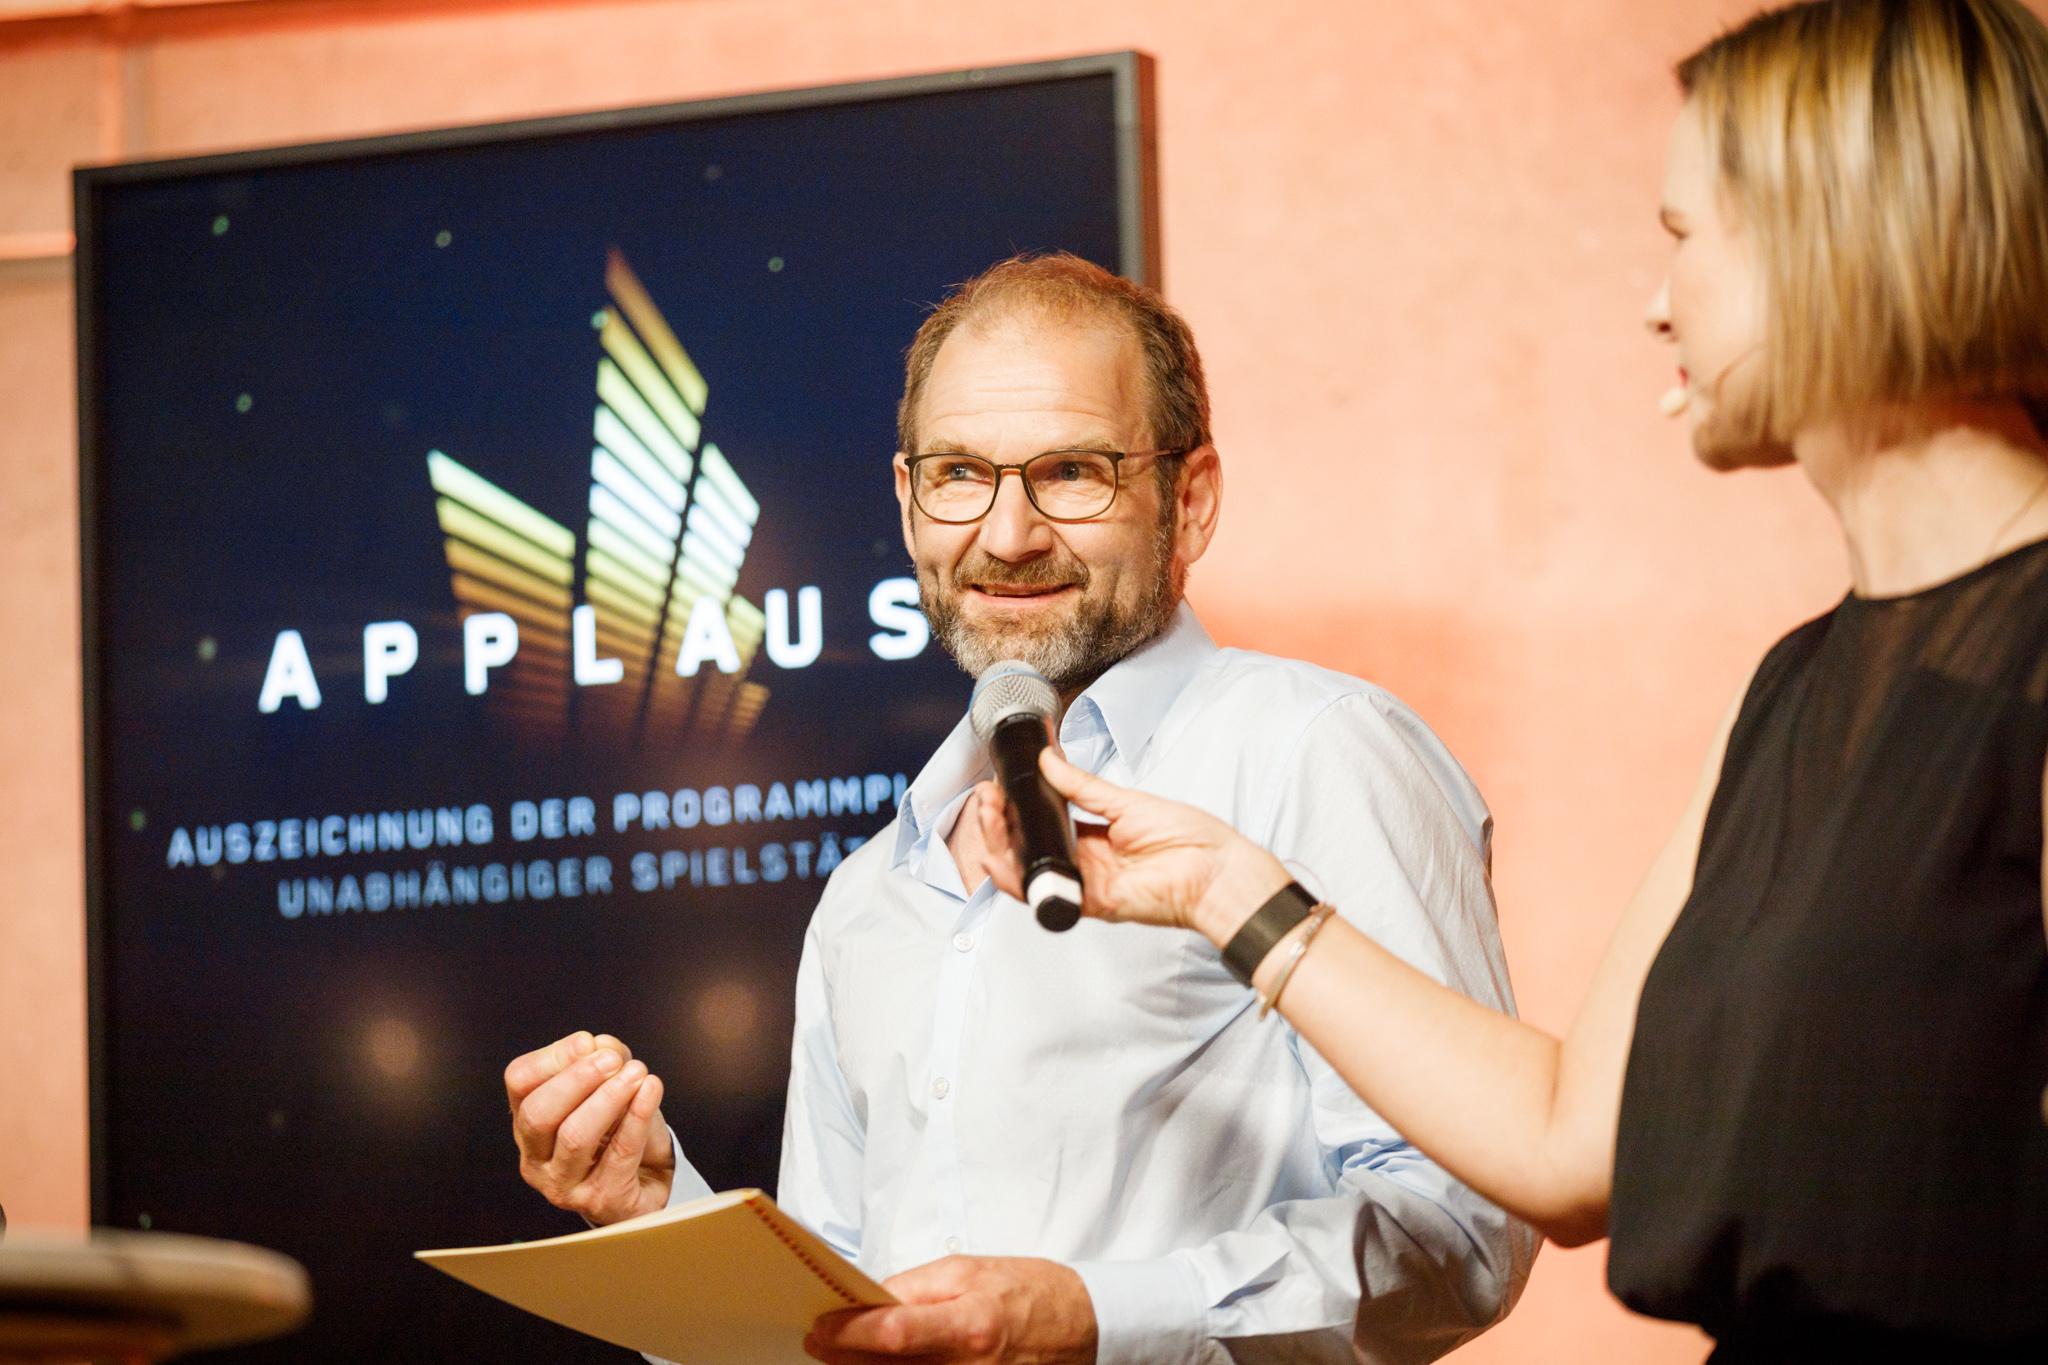 Applaus 2021, am 29. Juni 2021 im Berliner Säälchen, Foto: Stefan Wieland